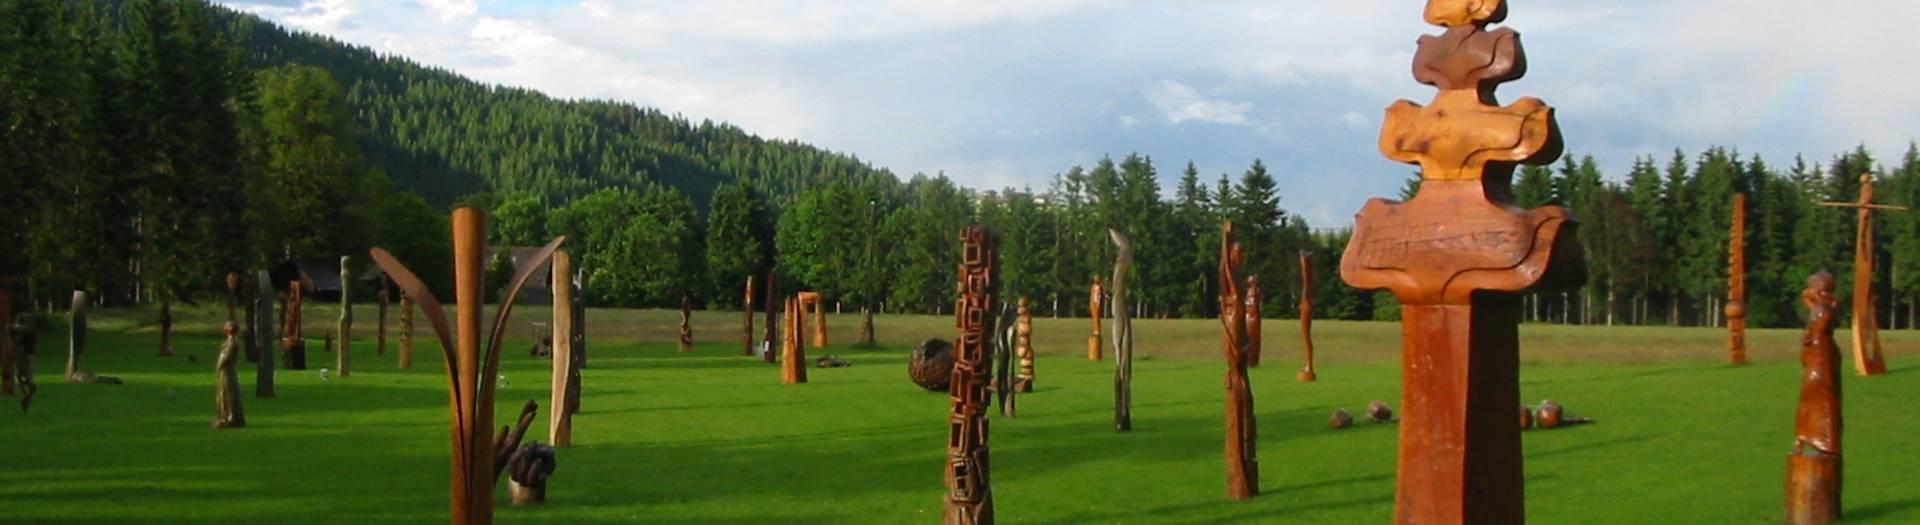 Holzskulpturenpark im Schloss Albeck in Albeck Sirnitz